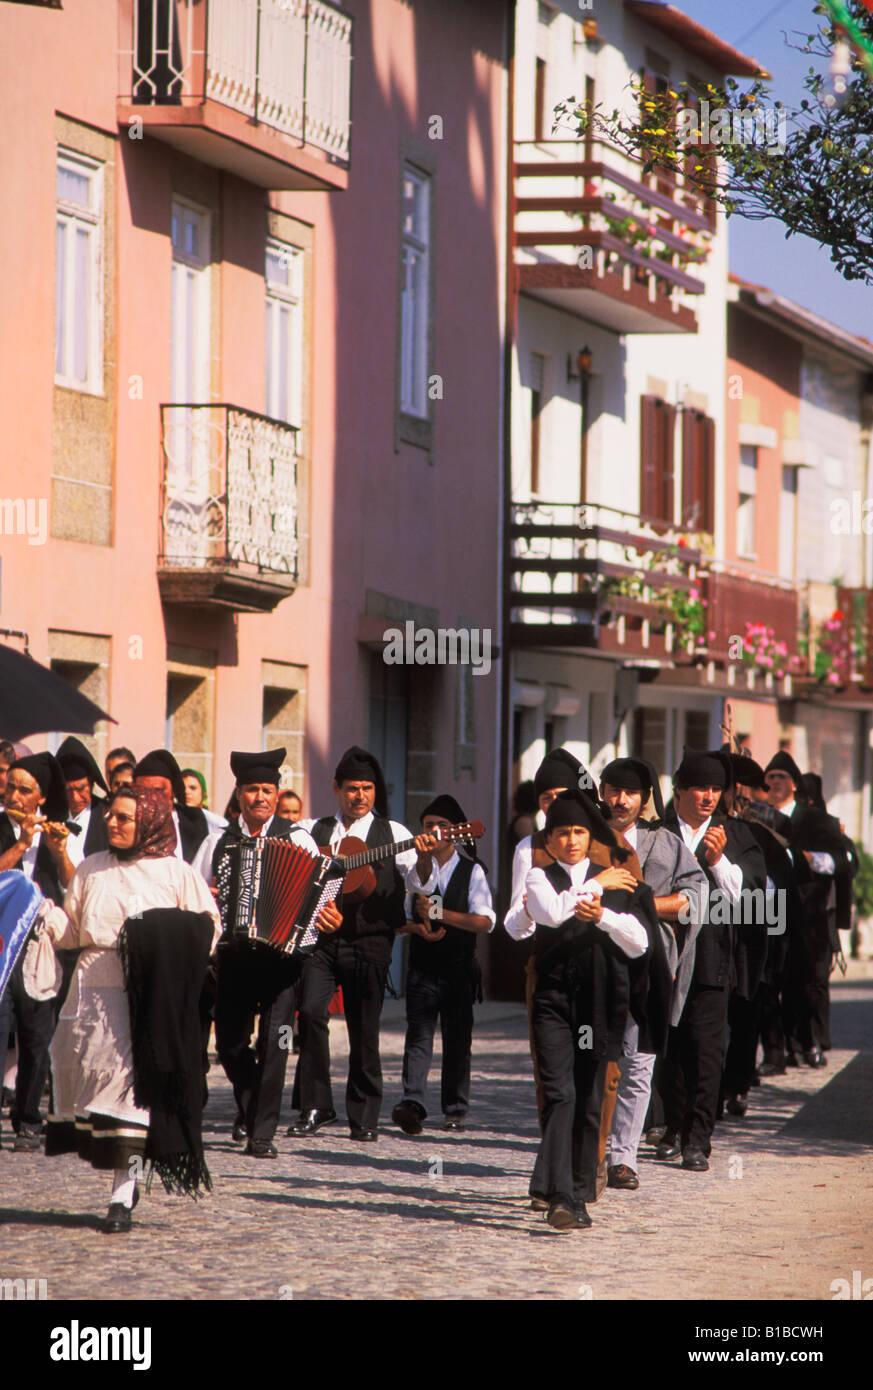 Traditionell kostümierten Musiker beim Folklore-Festival in Baqueiros in Minho an der nördlichen Atlantik Stockbild